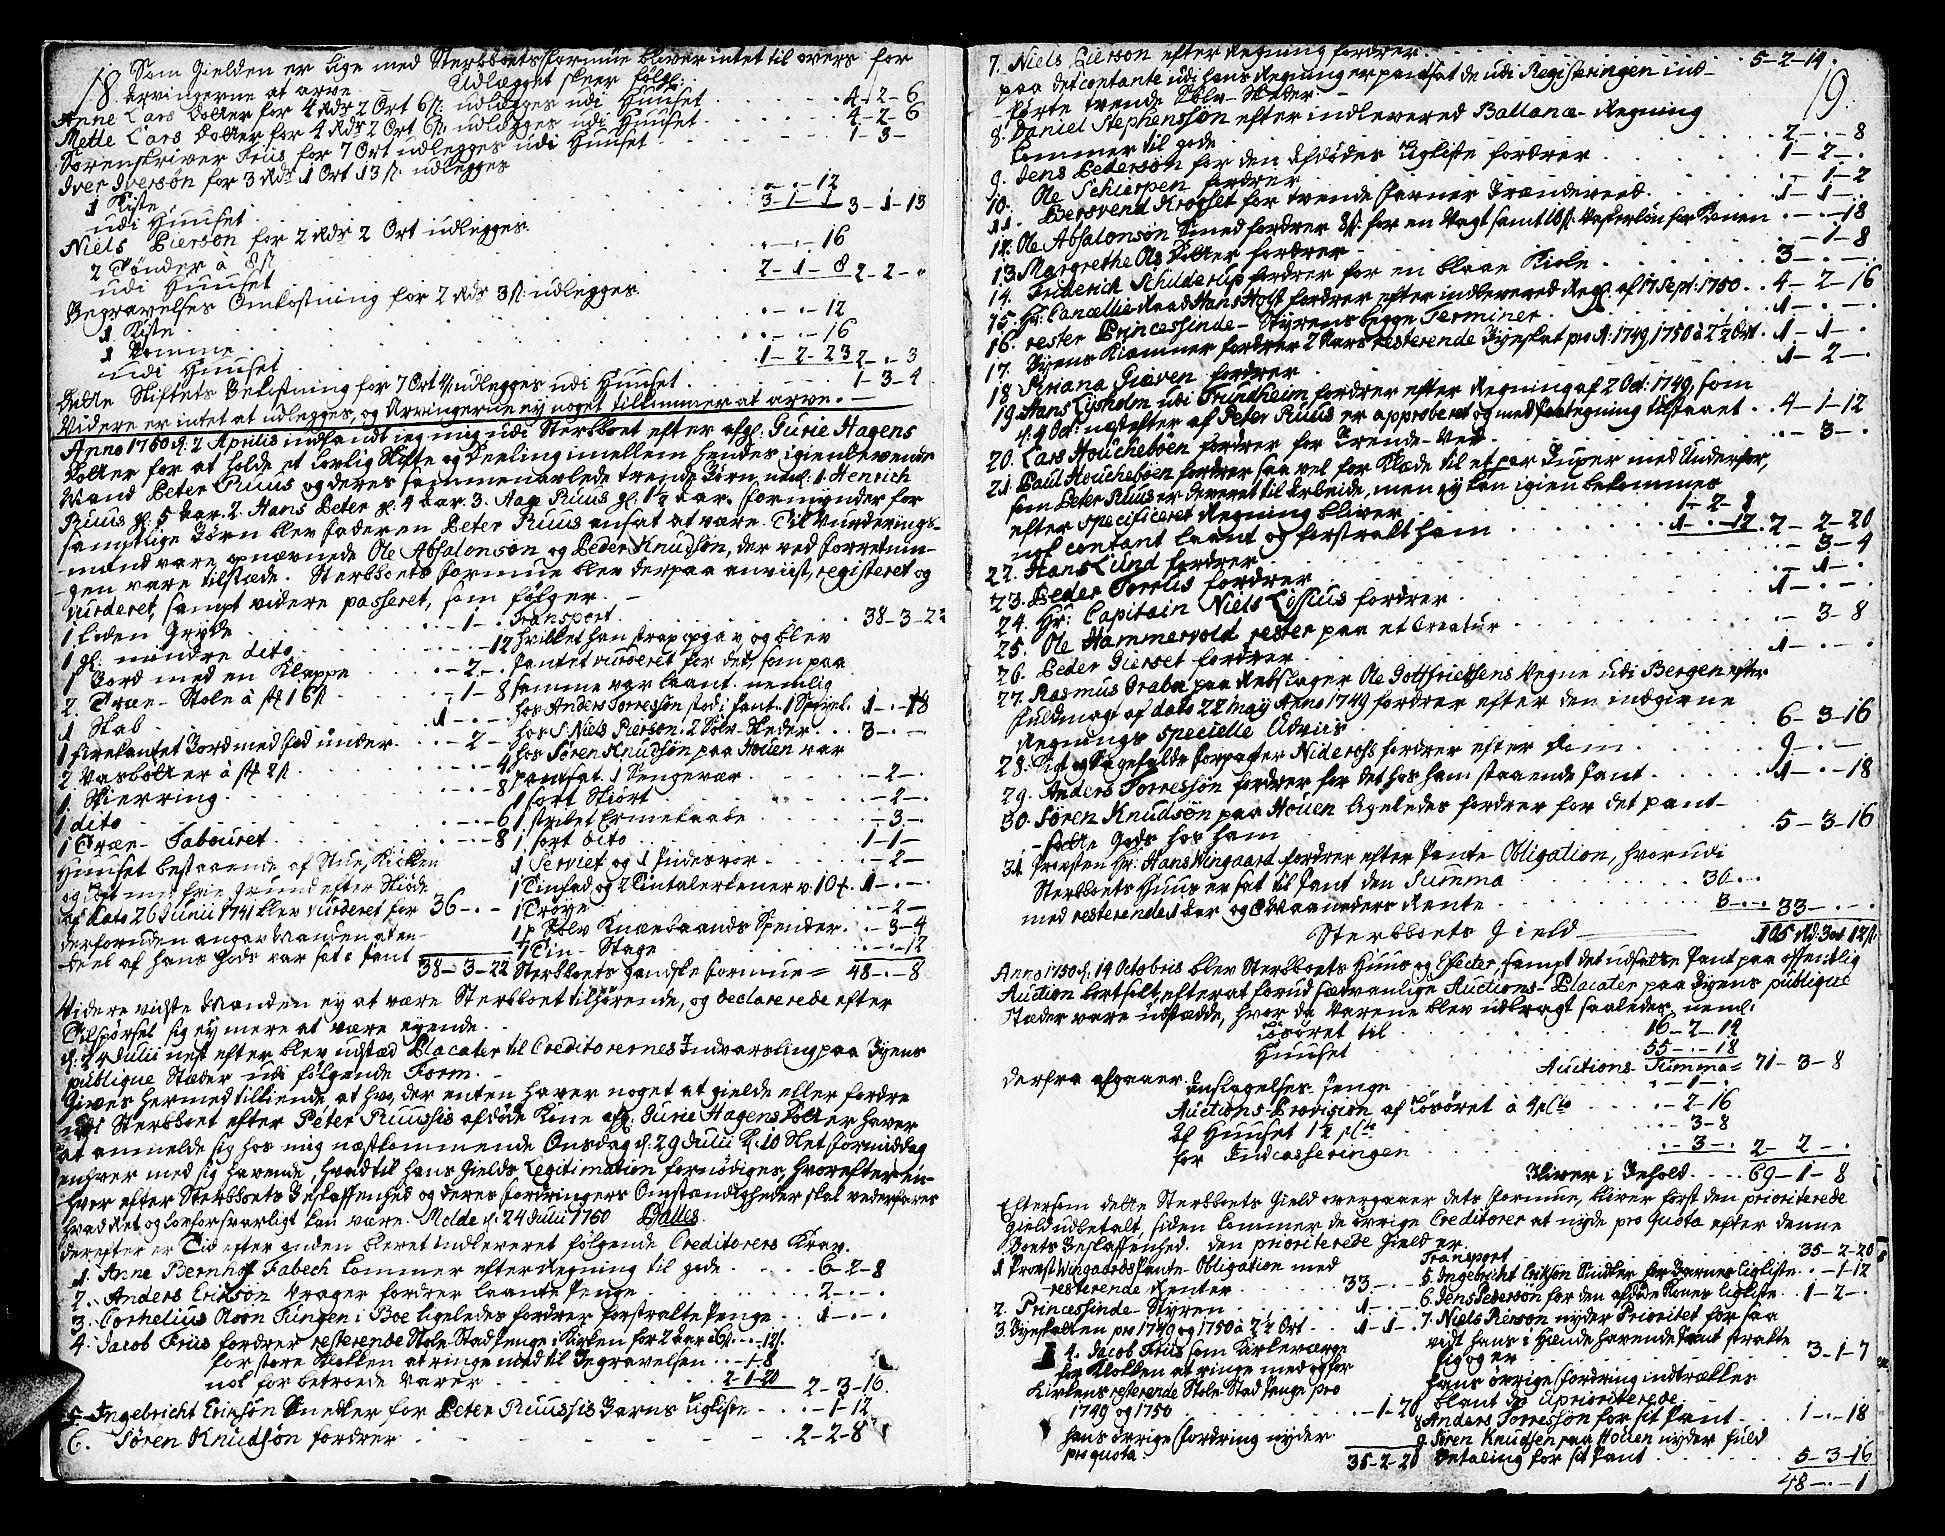 SAT, Molde byfogd, 3/3Aa/L0001: Skifteprotokoll, 1748-1768, s. 18-19